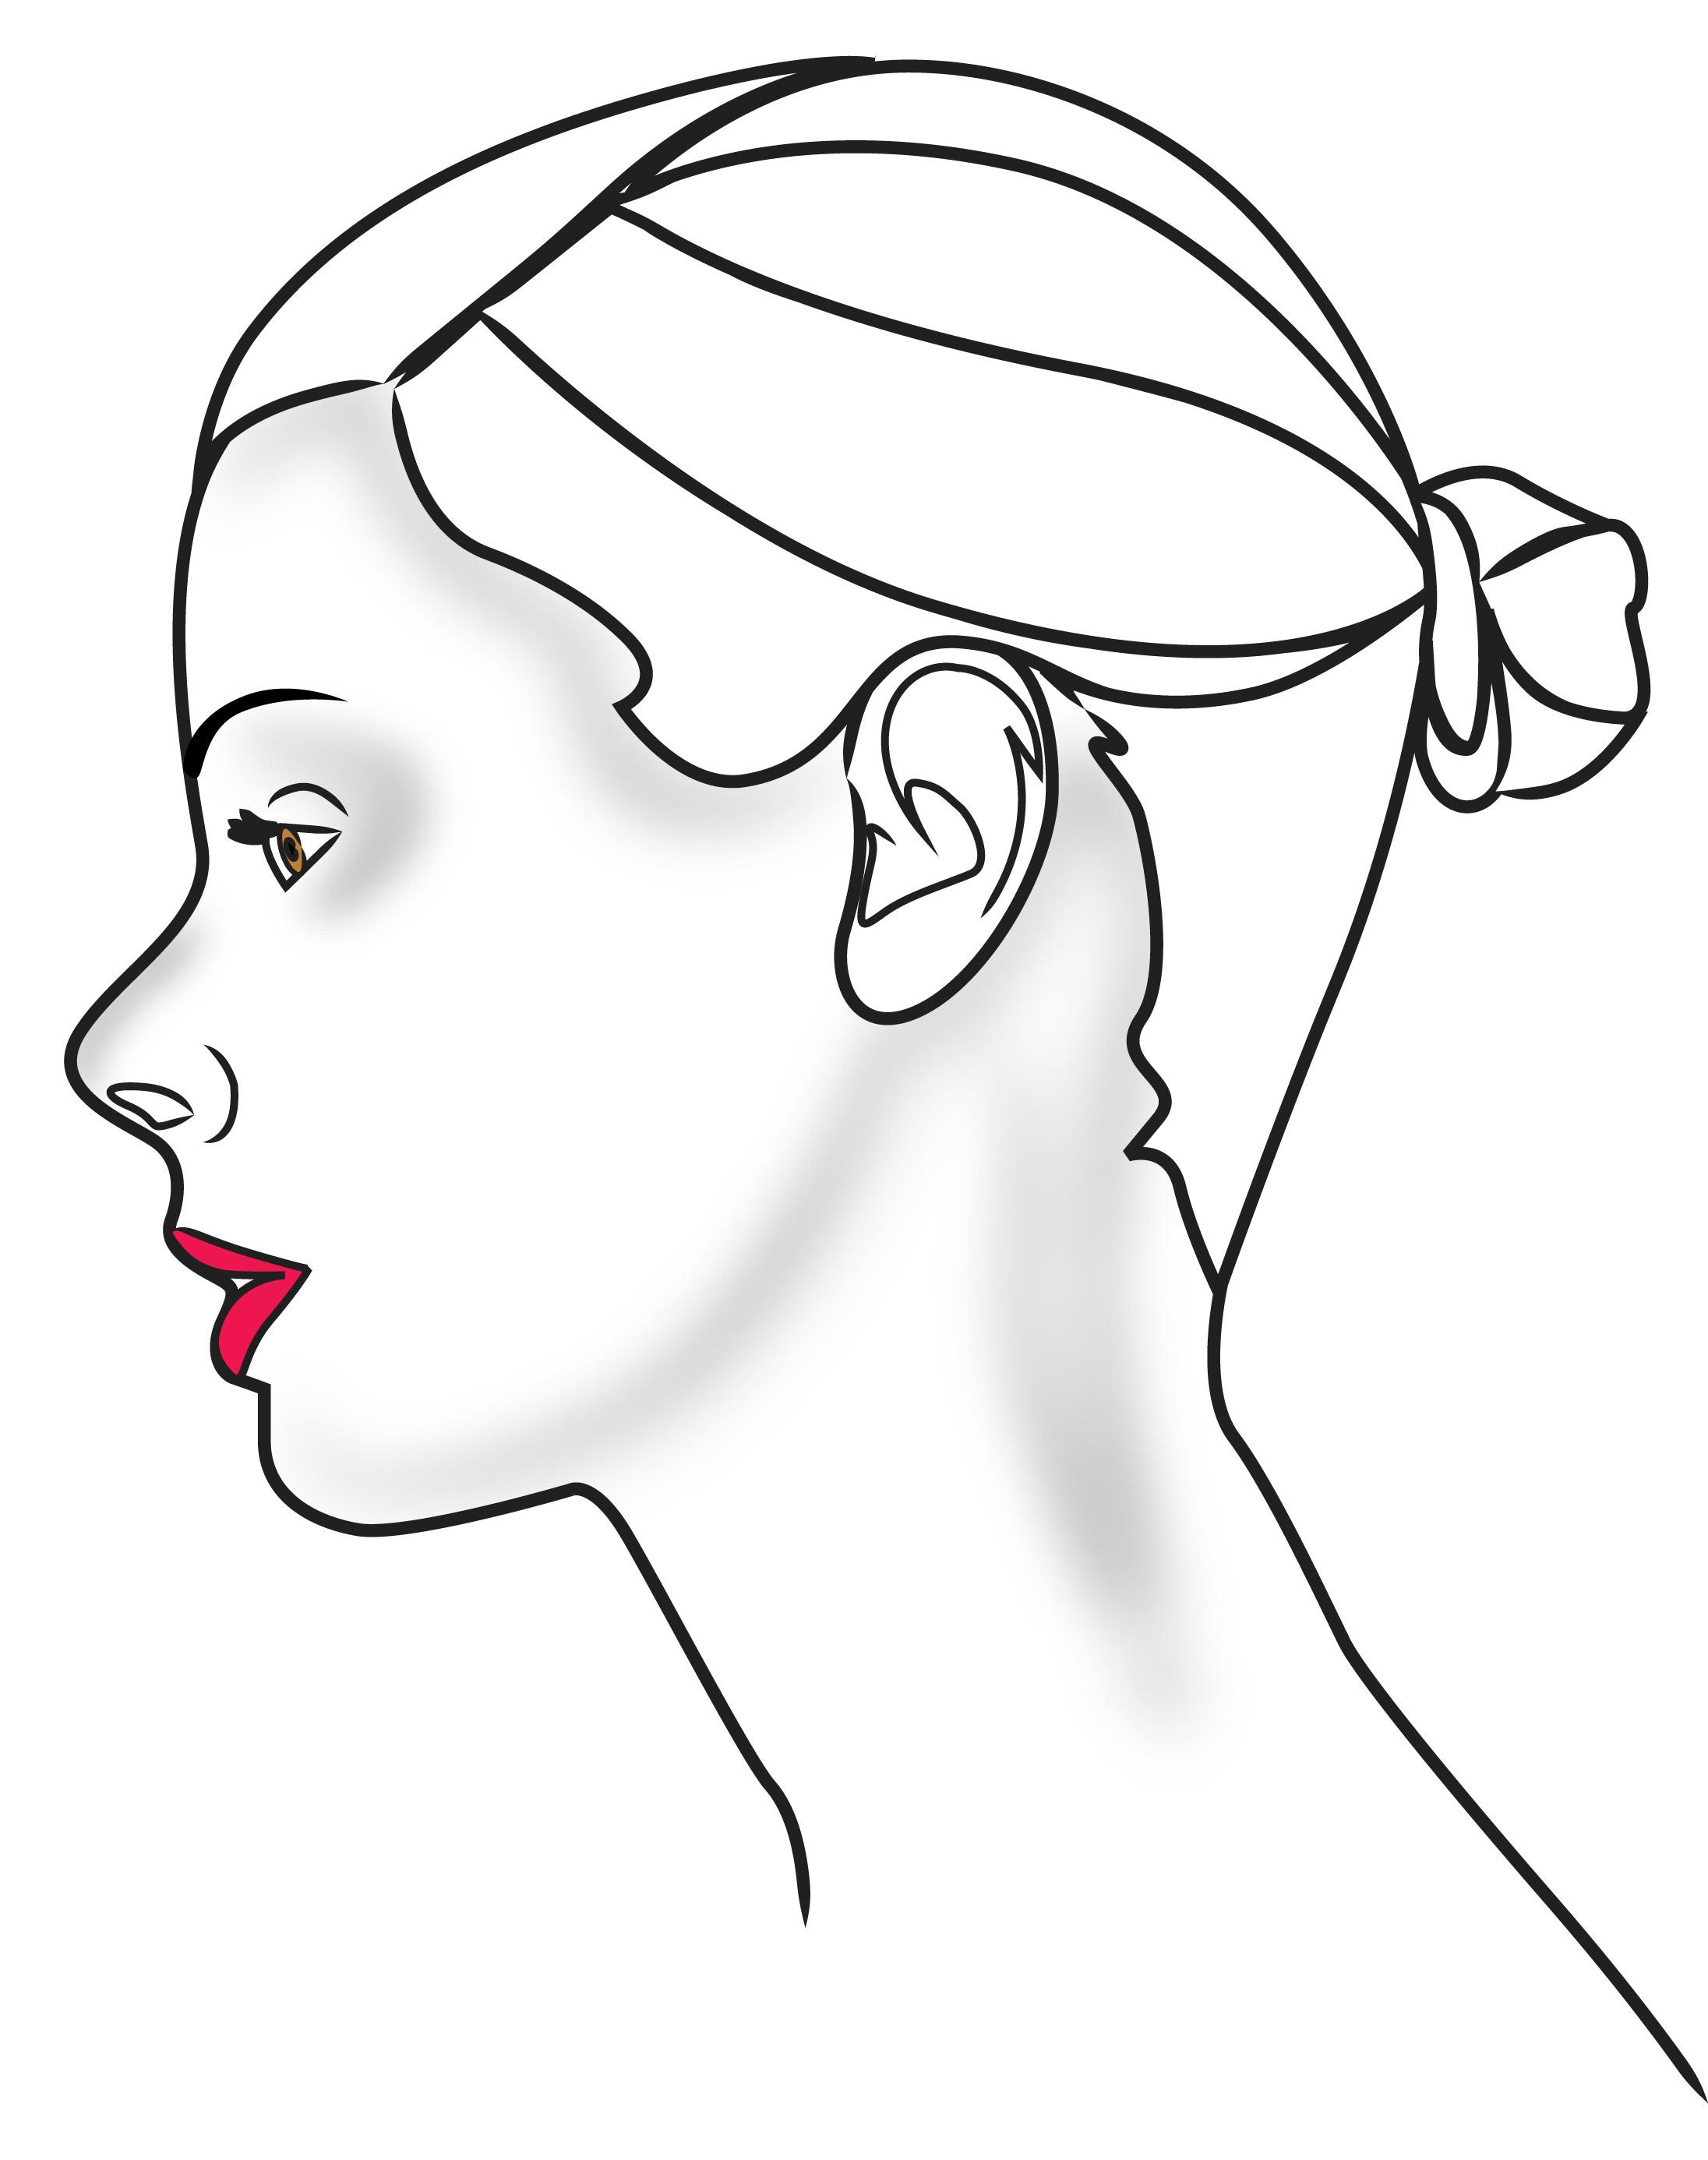 2192x2772 Human Face Outline Clip Art